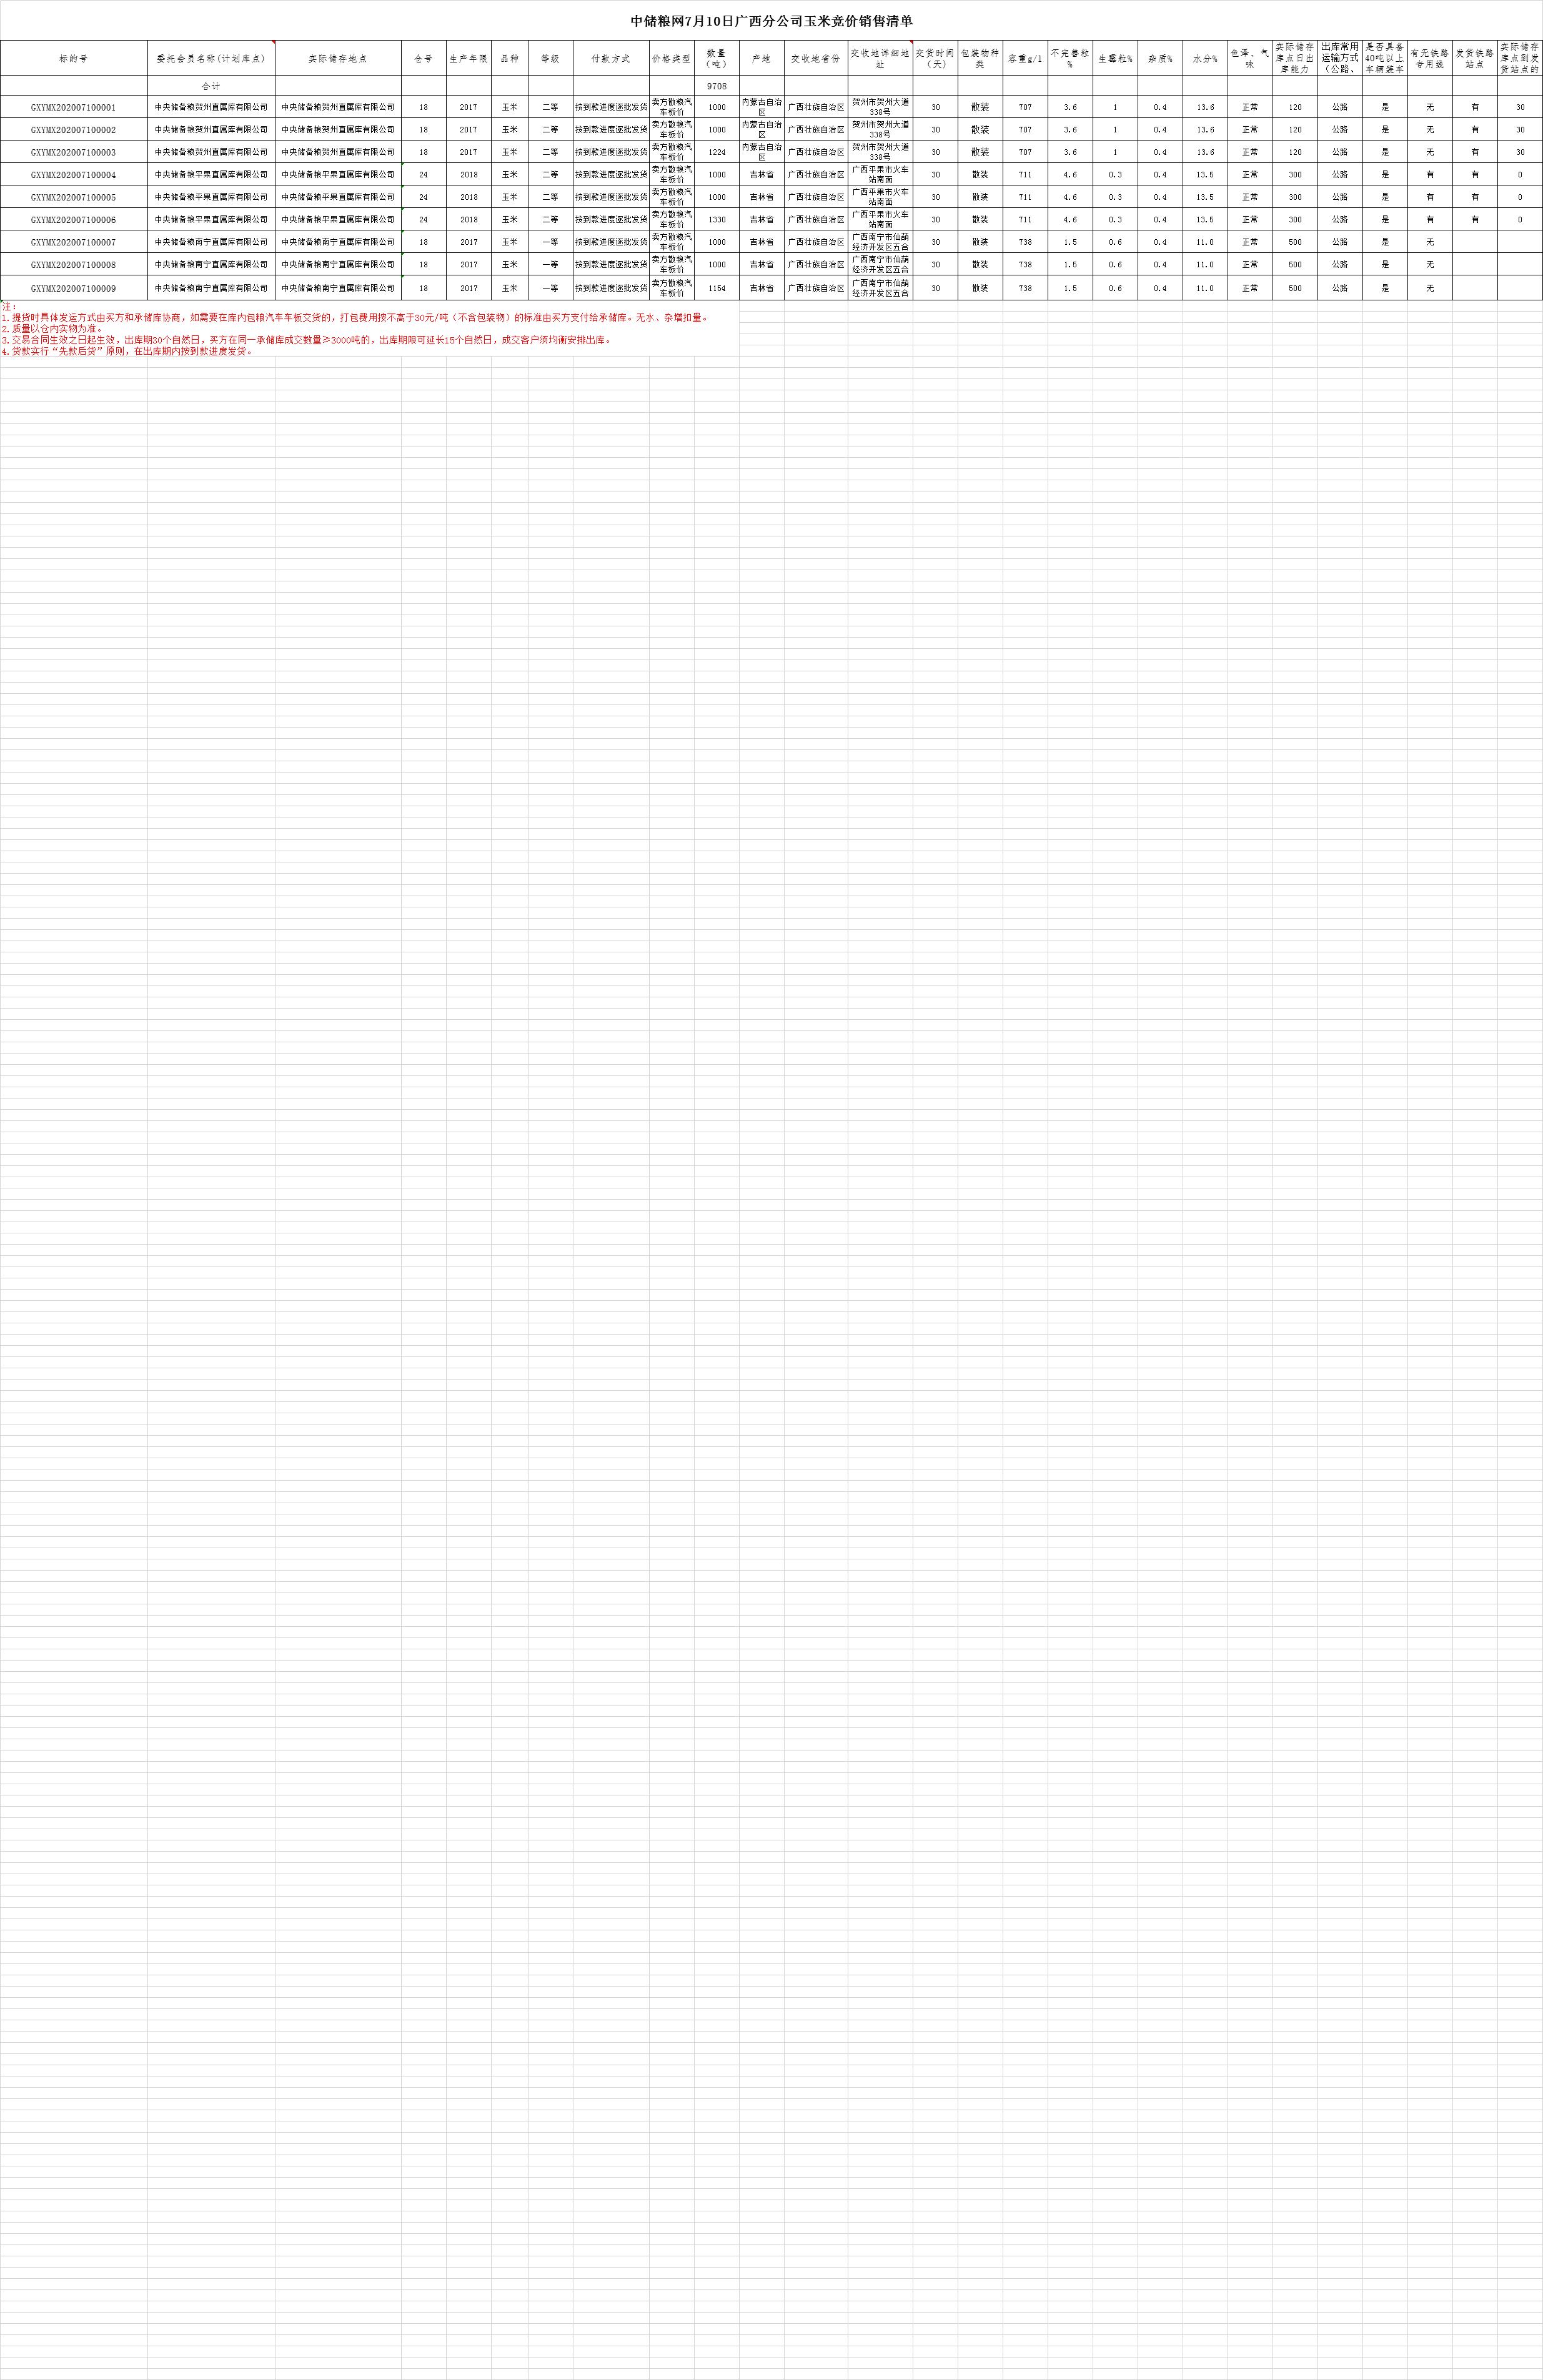 【地储拍卖】关于举办7月10日广西分公司玉米竞价销售专场的公告